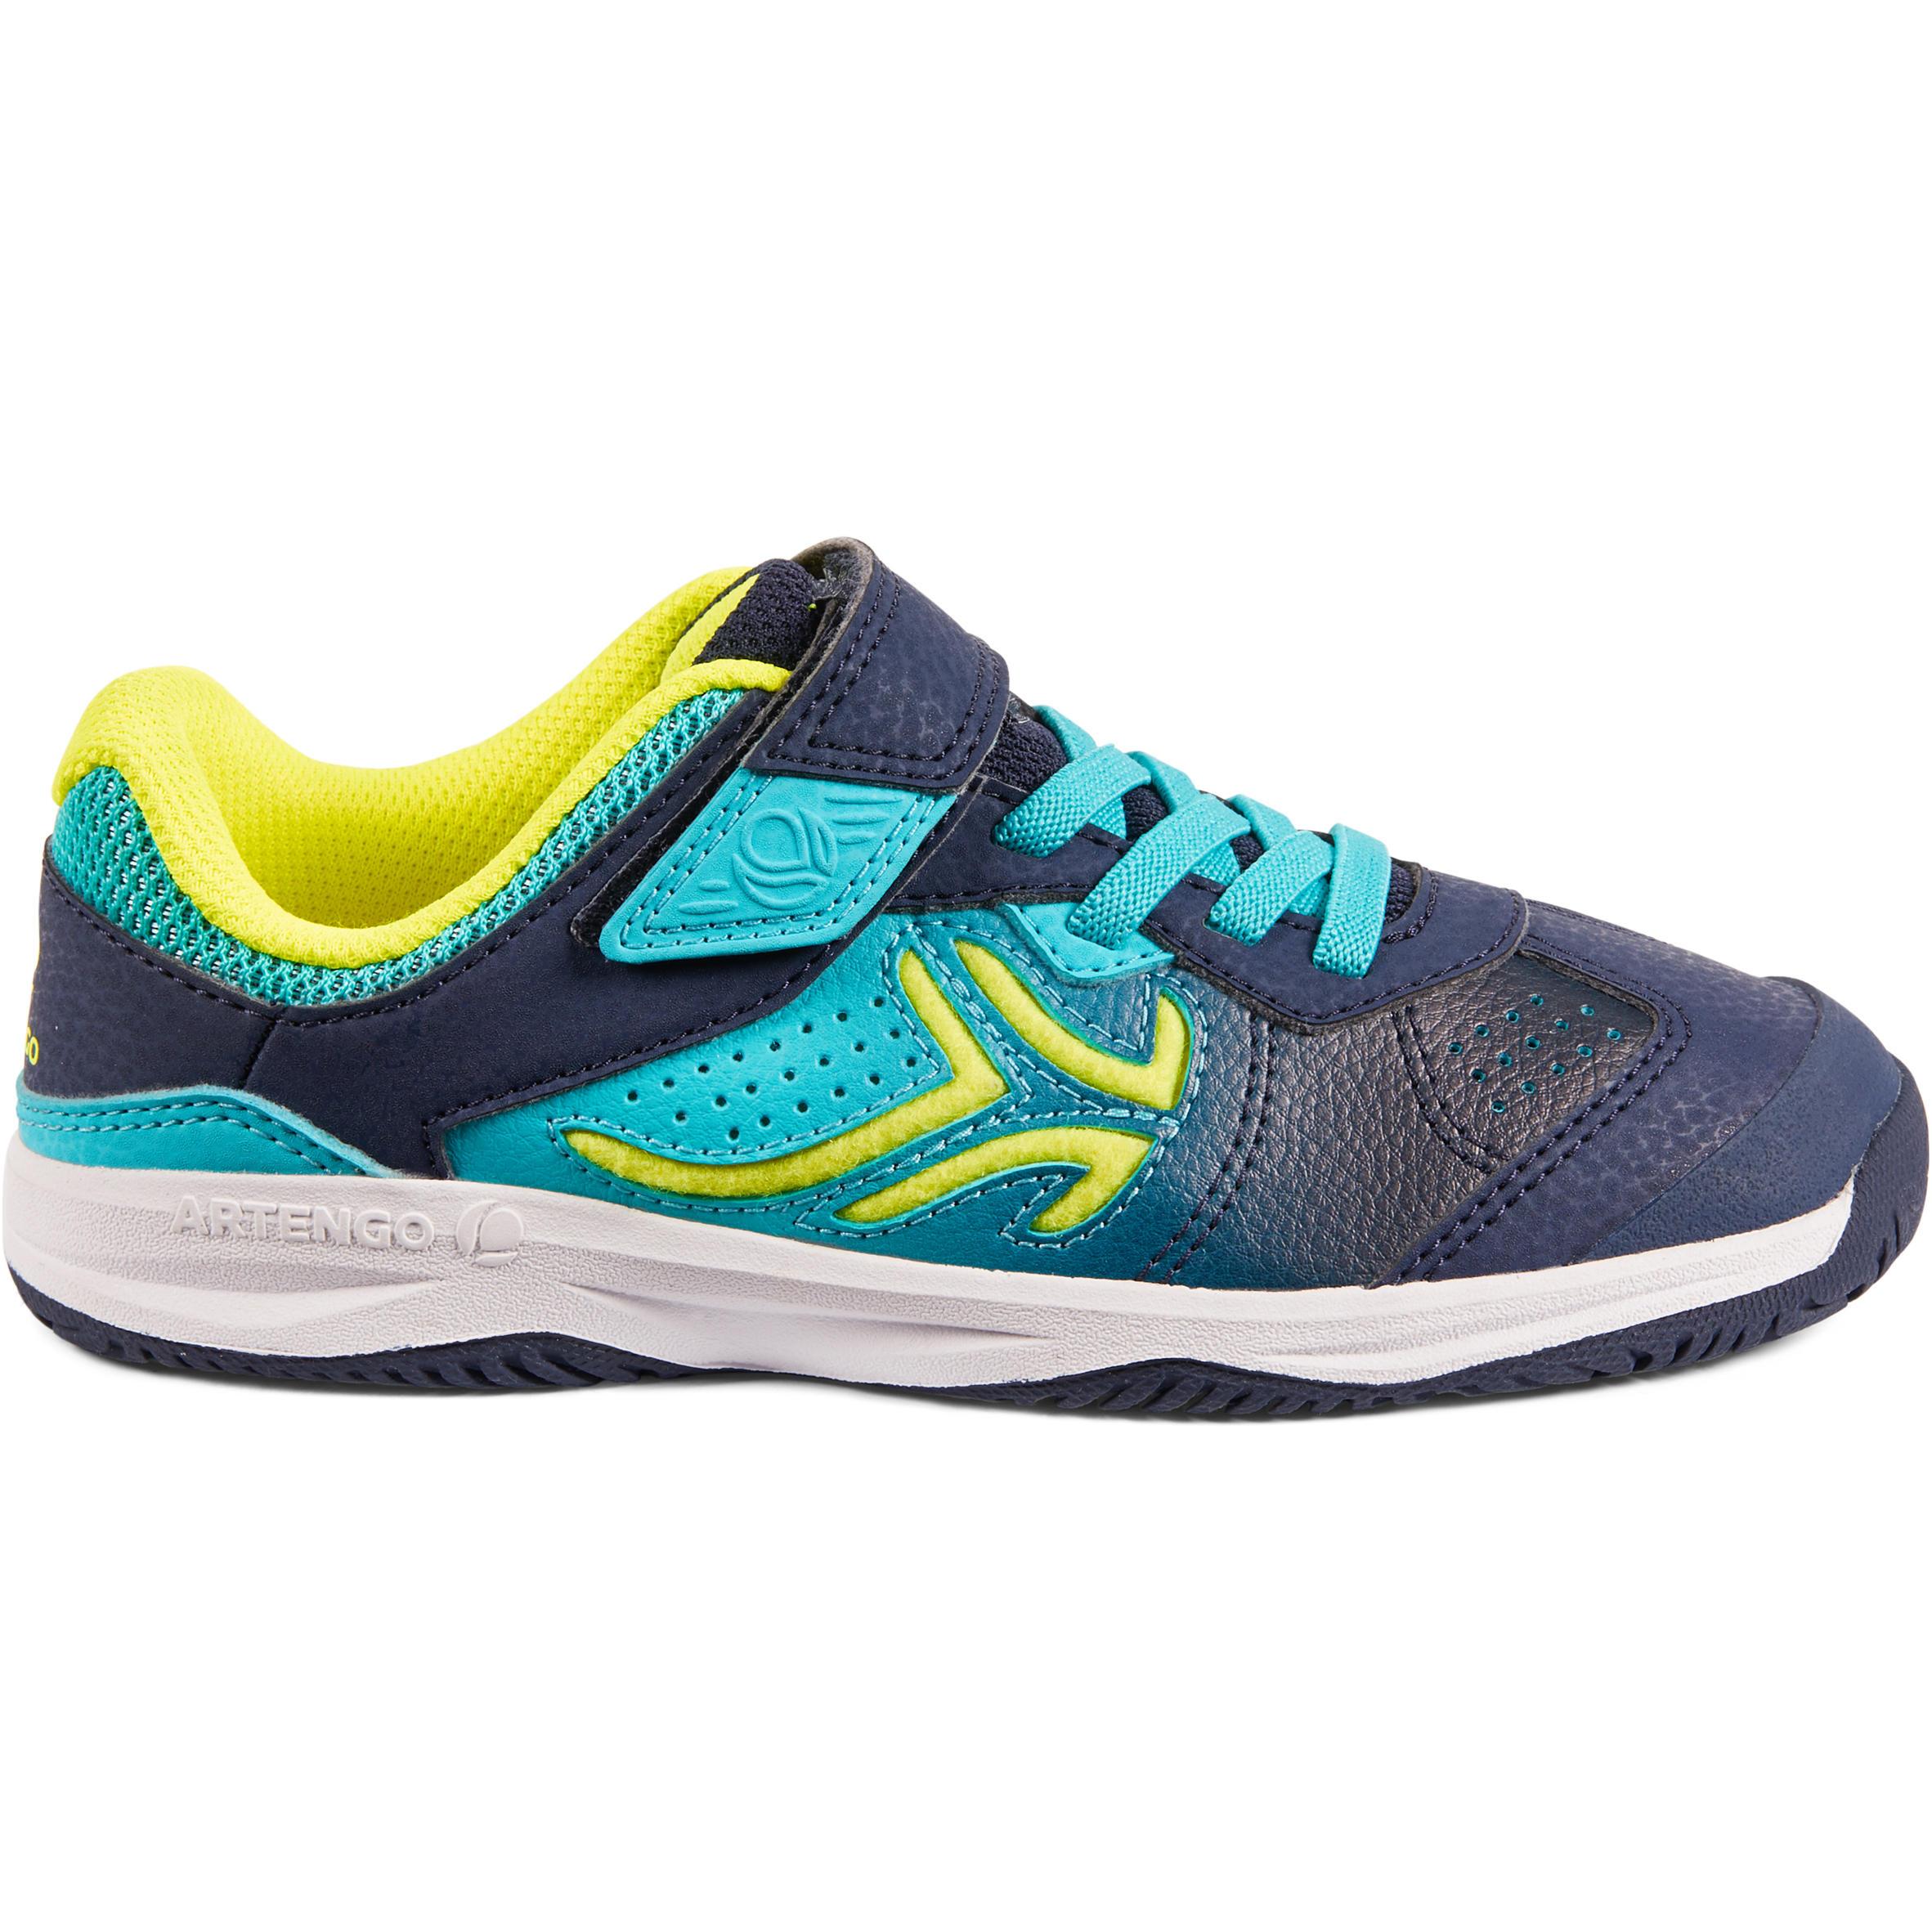 Artengo Tennisschoenen voor kinderen Artengo TS160 blauw/groen